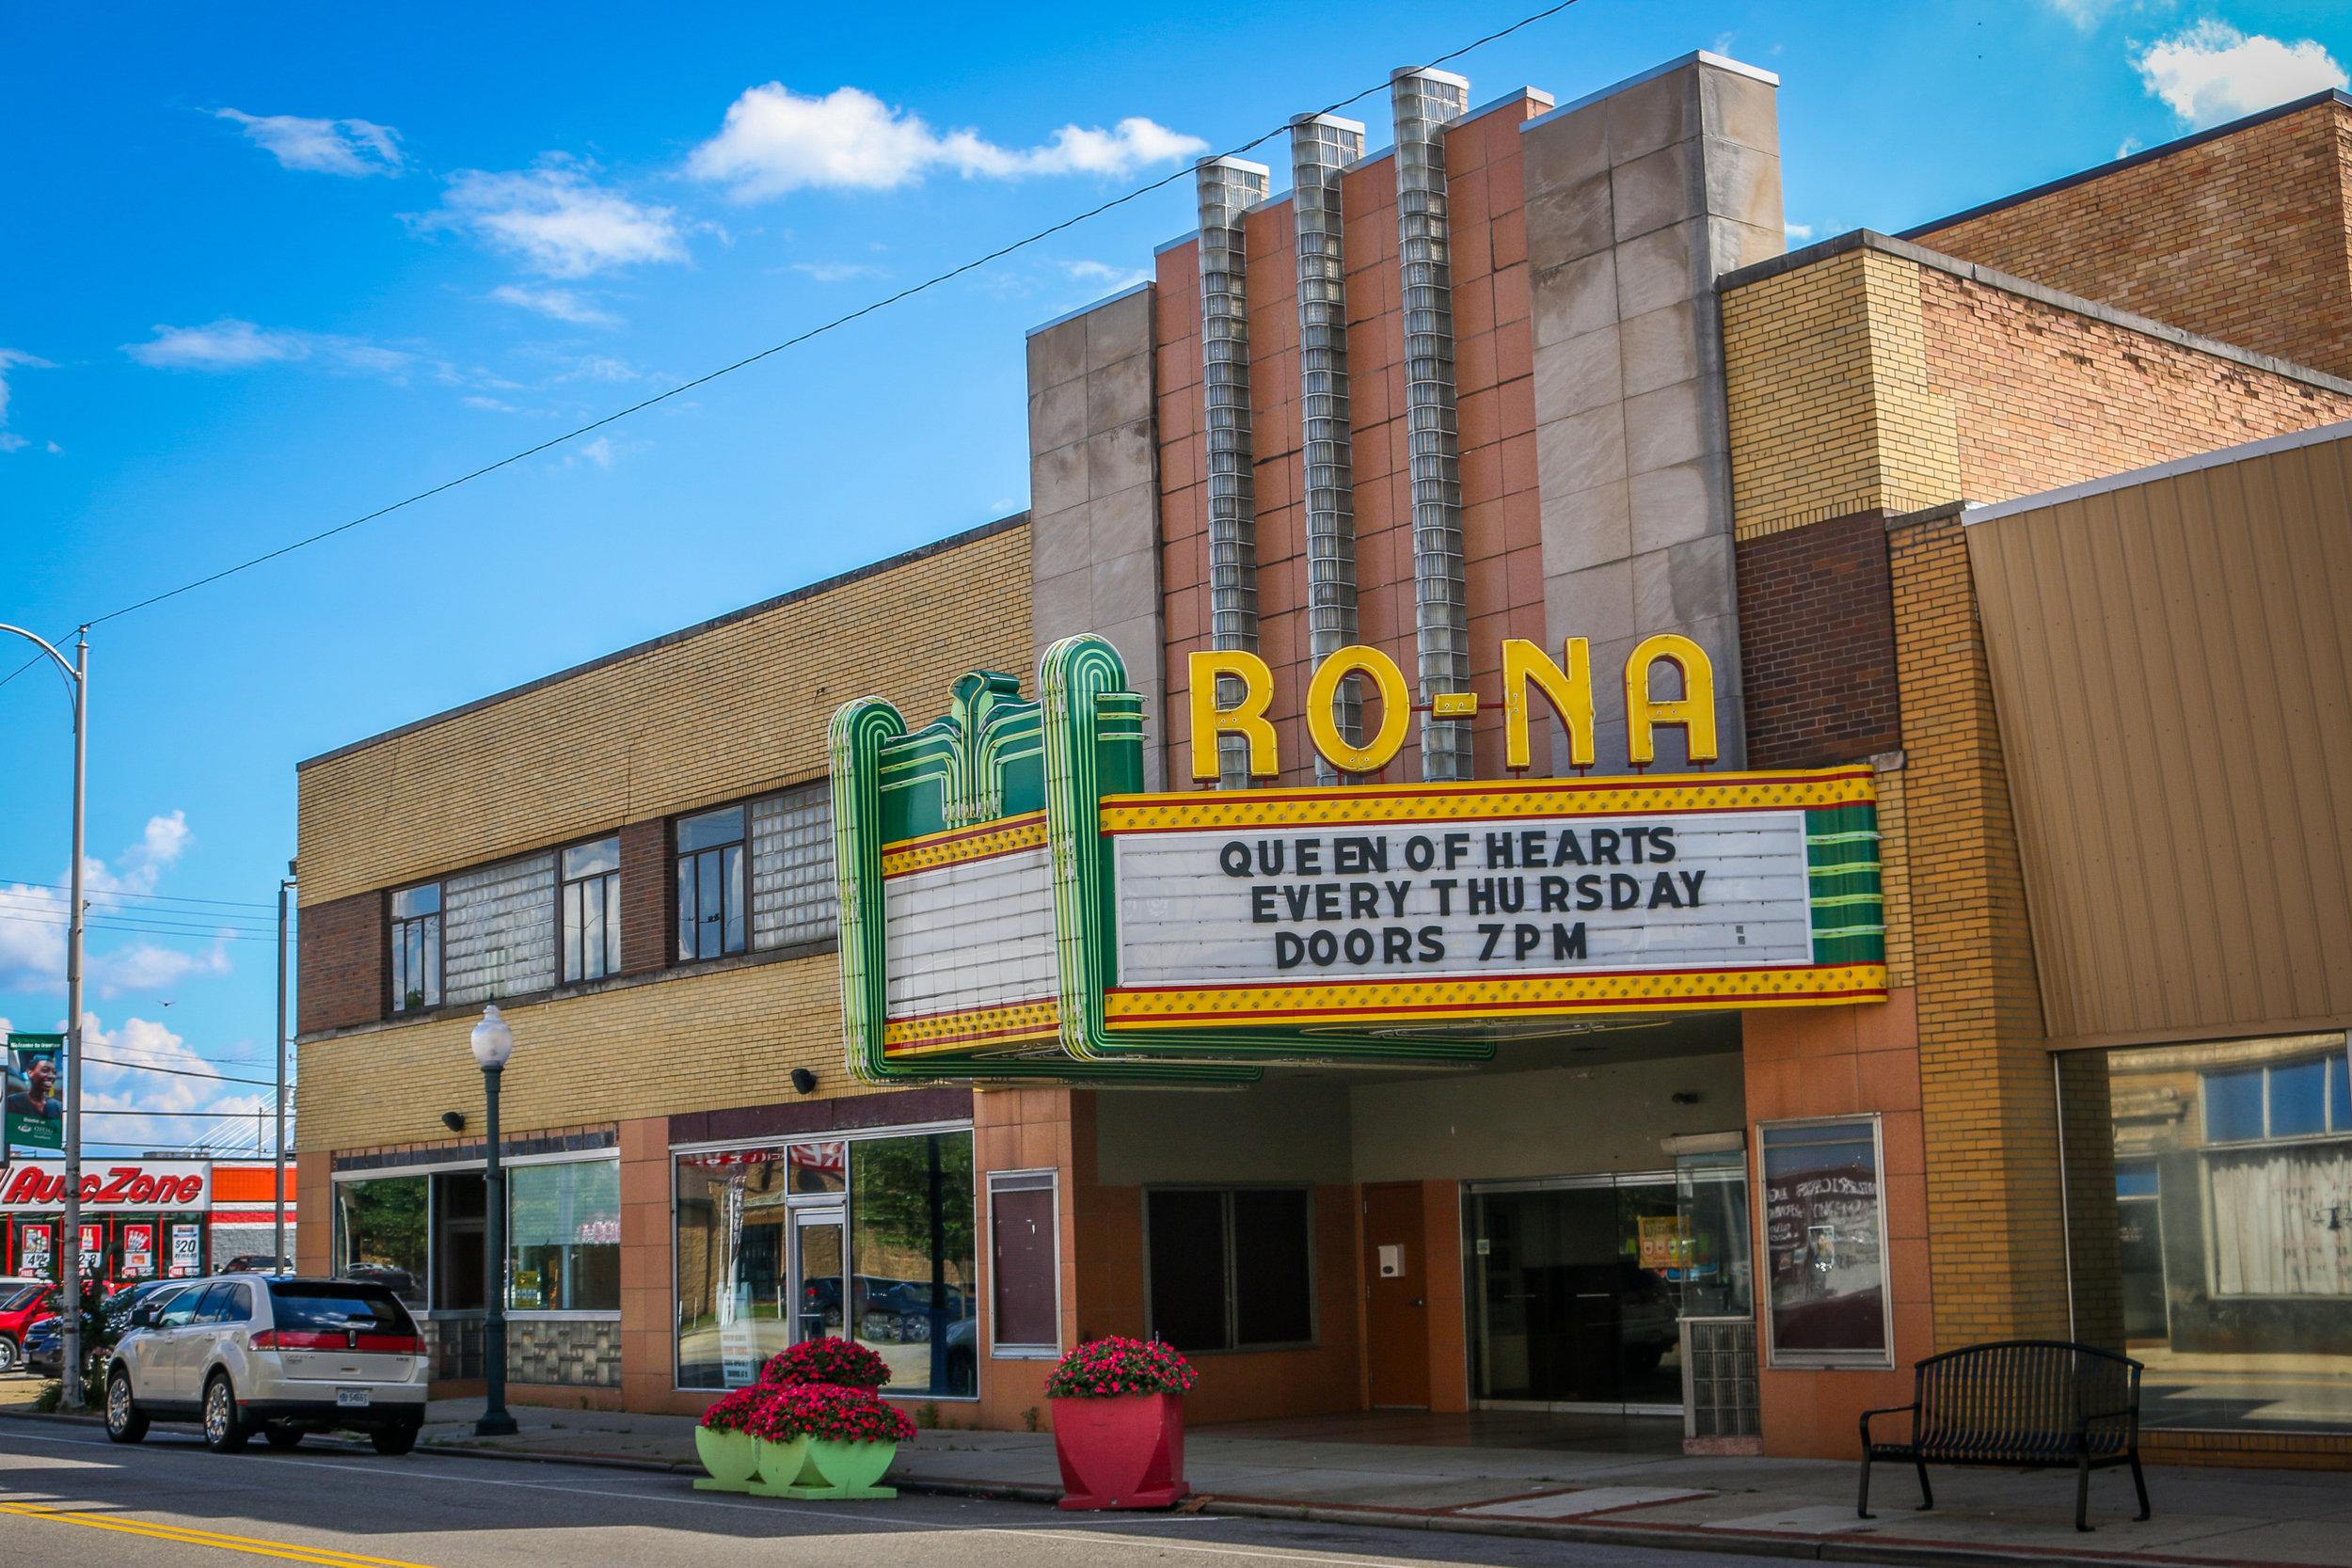 ironton theater movie downtown ohio